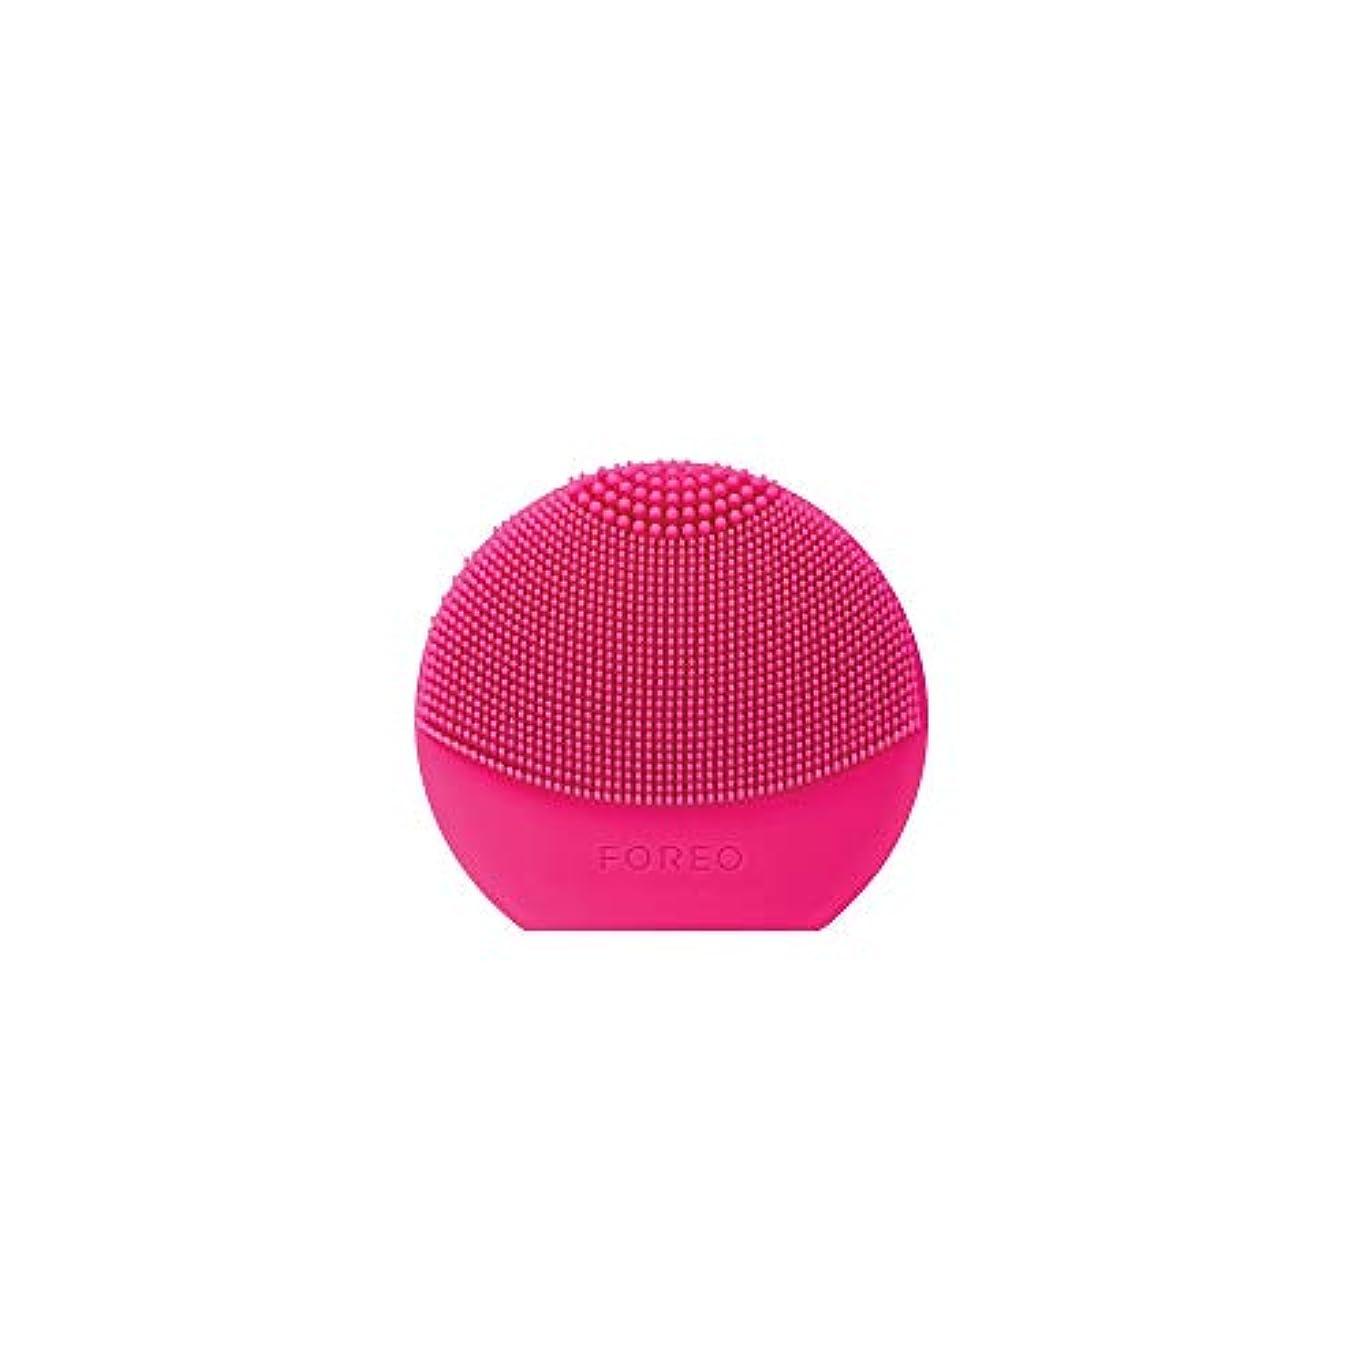 加入手錠乳剤FOREO LUNA play plus フクシア シリコーン製 音波振動 電動洗顔ブラシ 電池式